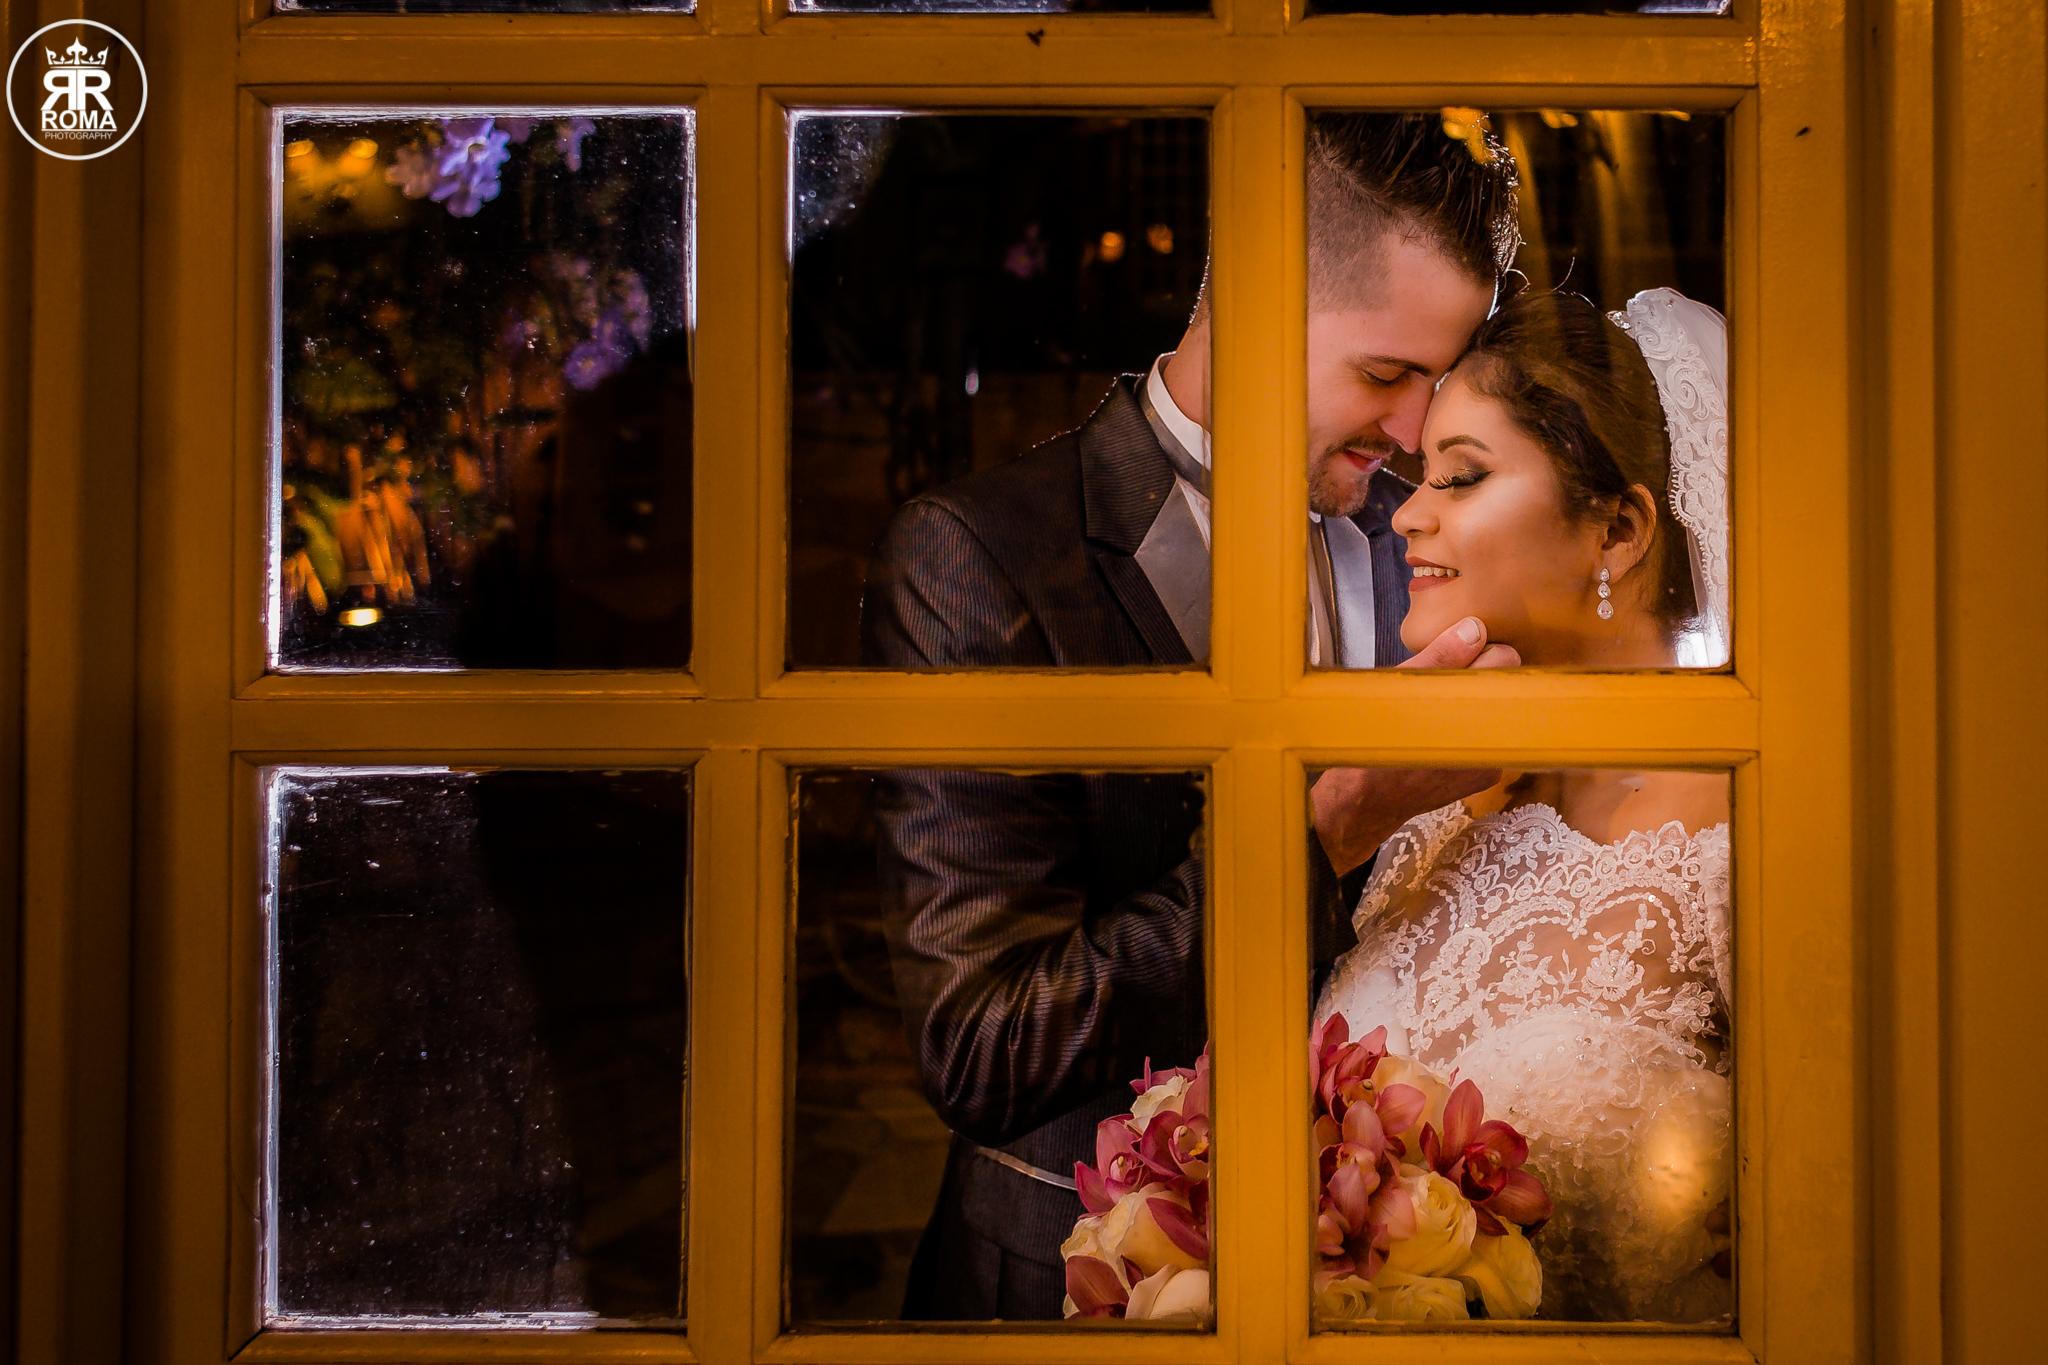 Contate Marcelo Roma fotógrafo de casamentos, debutantes, gestante e retratos femininos